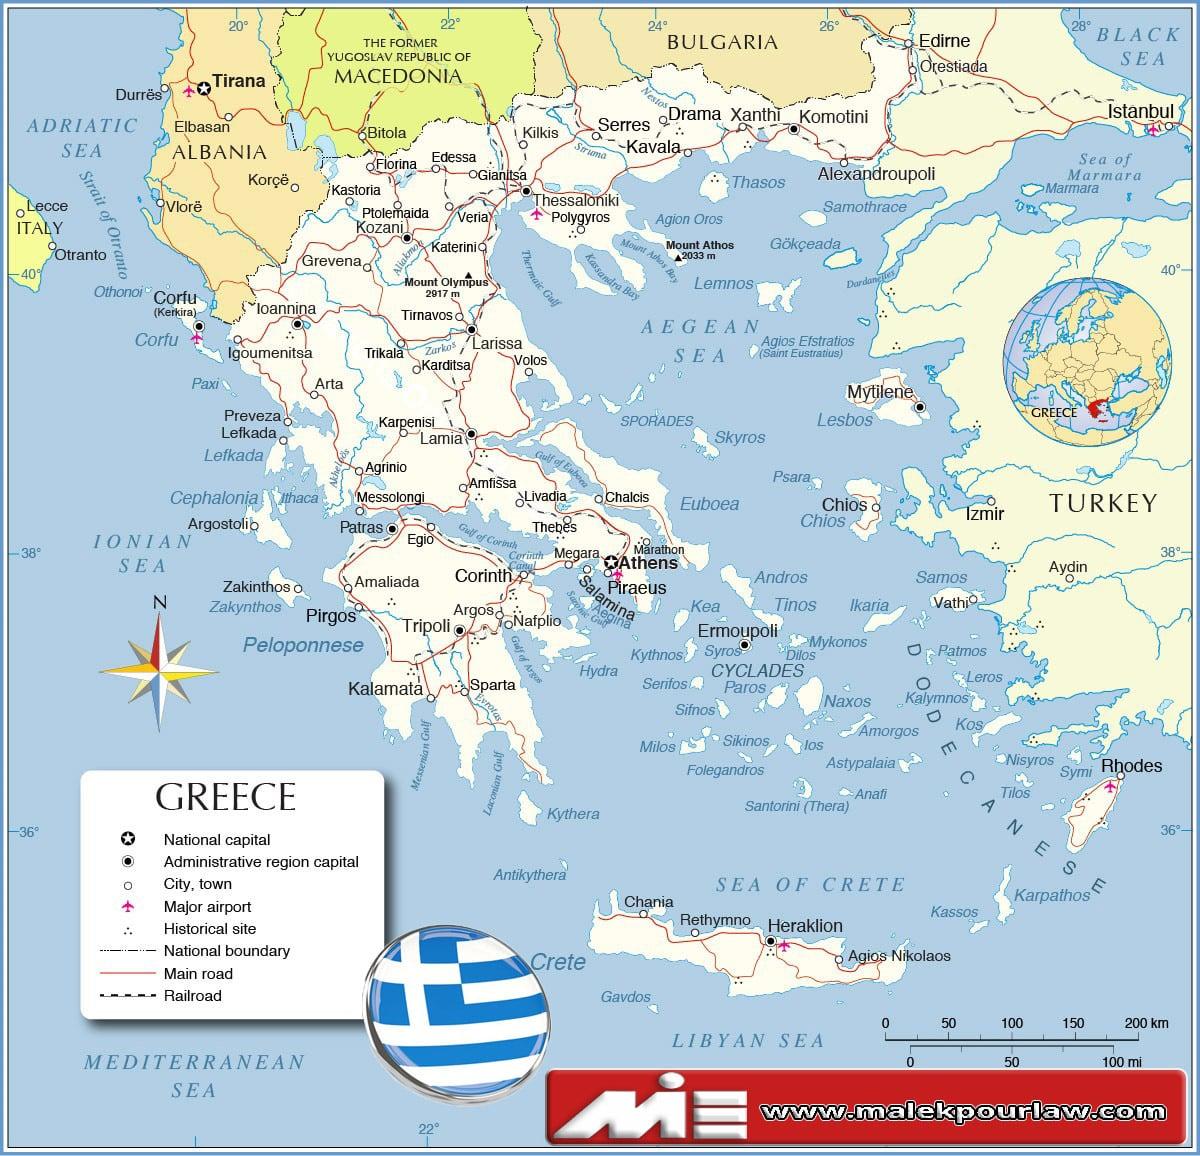 نقشه یونان - یونان کجاست؟ - مهاجرت به یونان - اقامت یونان - سفر توریستی به یونان